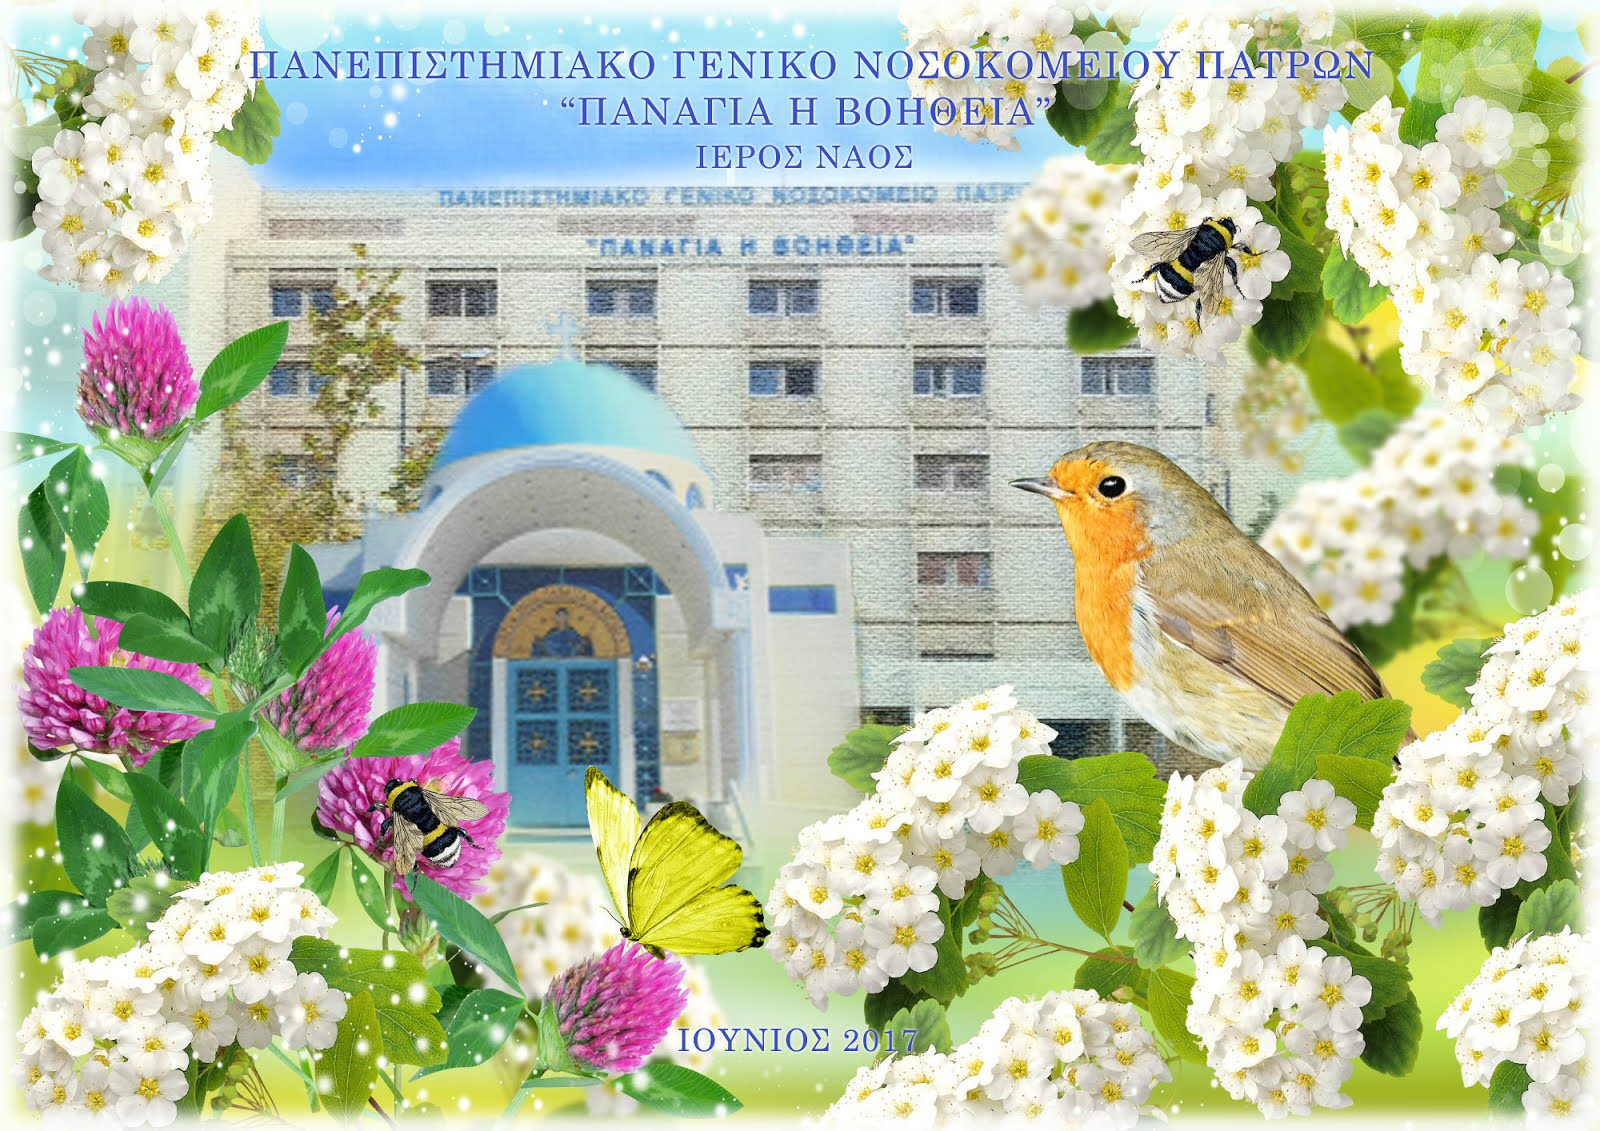 """Πρόγραμμα Ιουνίου 2017 Ιερού Ναού """"Παναγία η Βοήθεια"""" Πανεπιστημιακού Γενικού Νοσοκομείου Πατρών"""